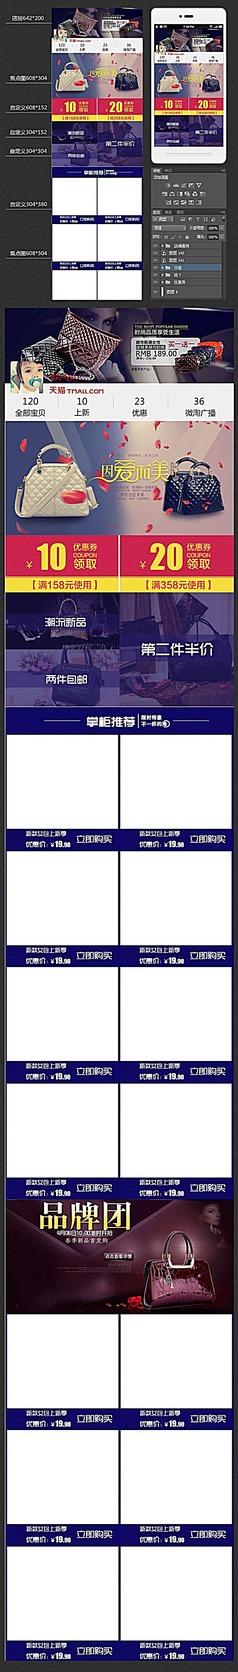 淘寶天貓女包手機店鋪首頁模板設計